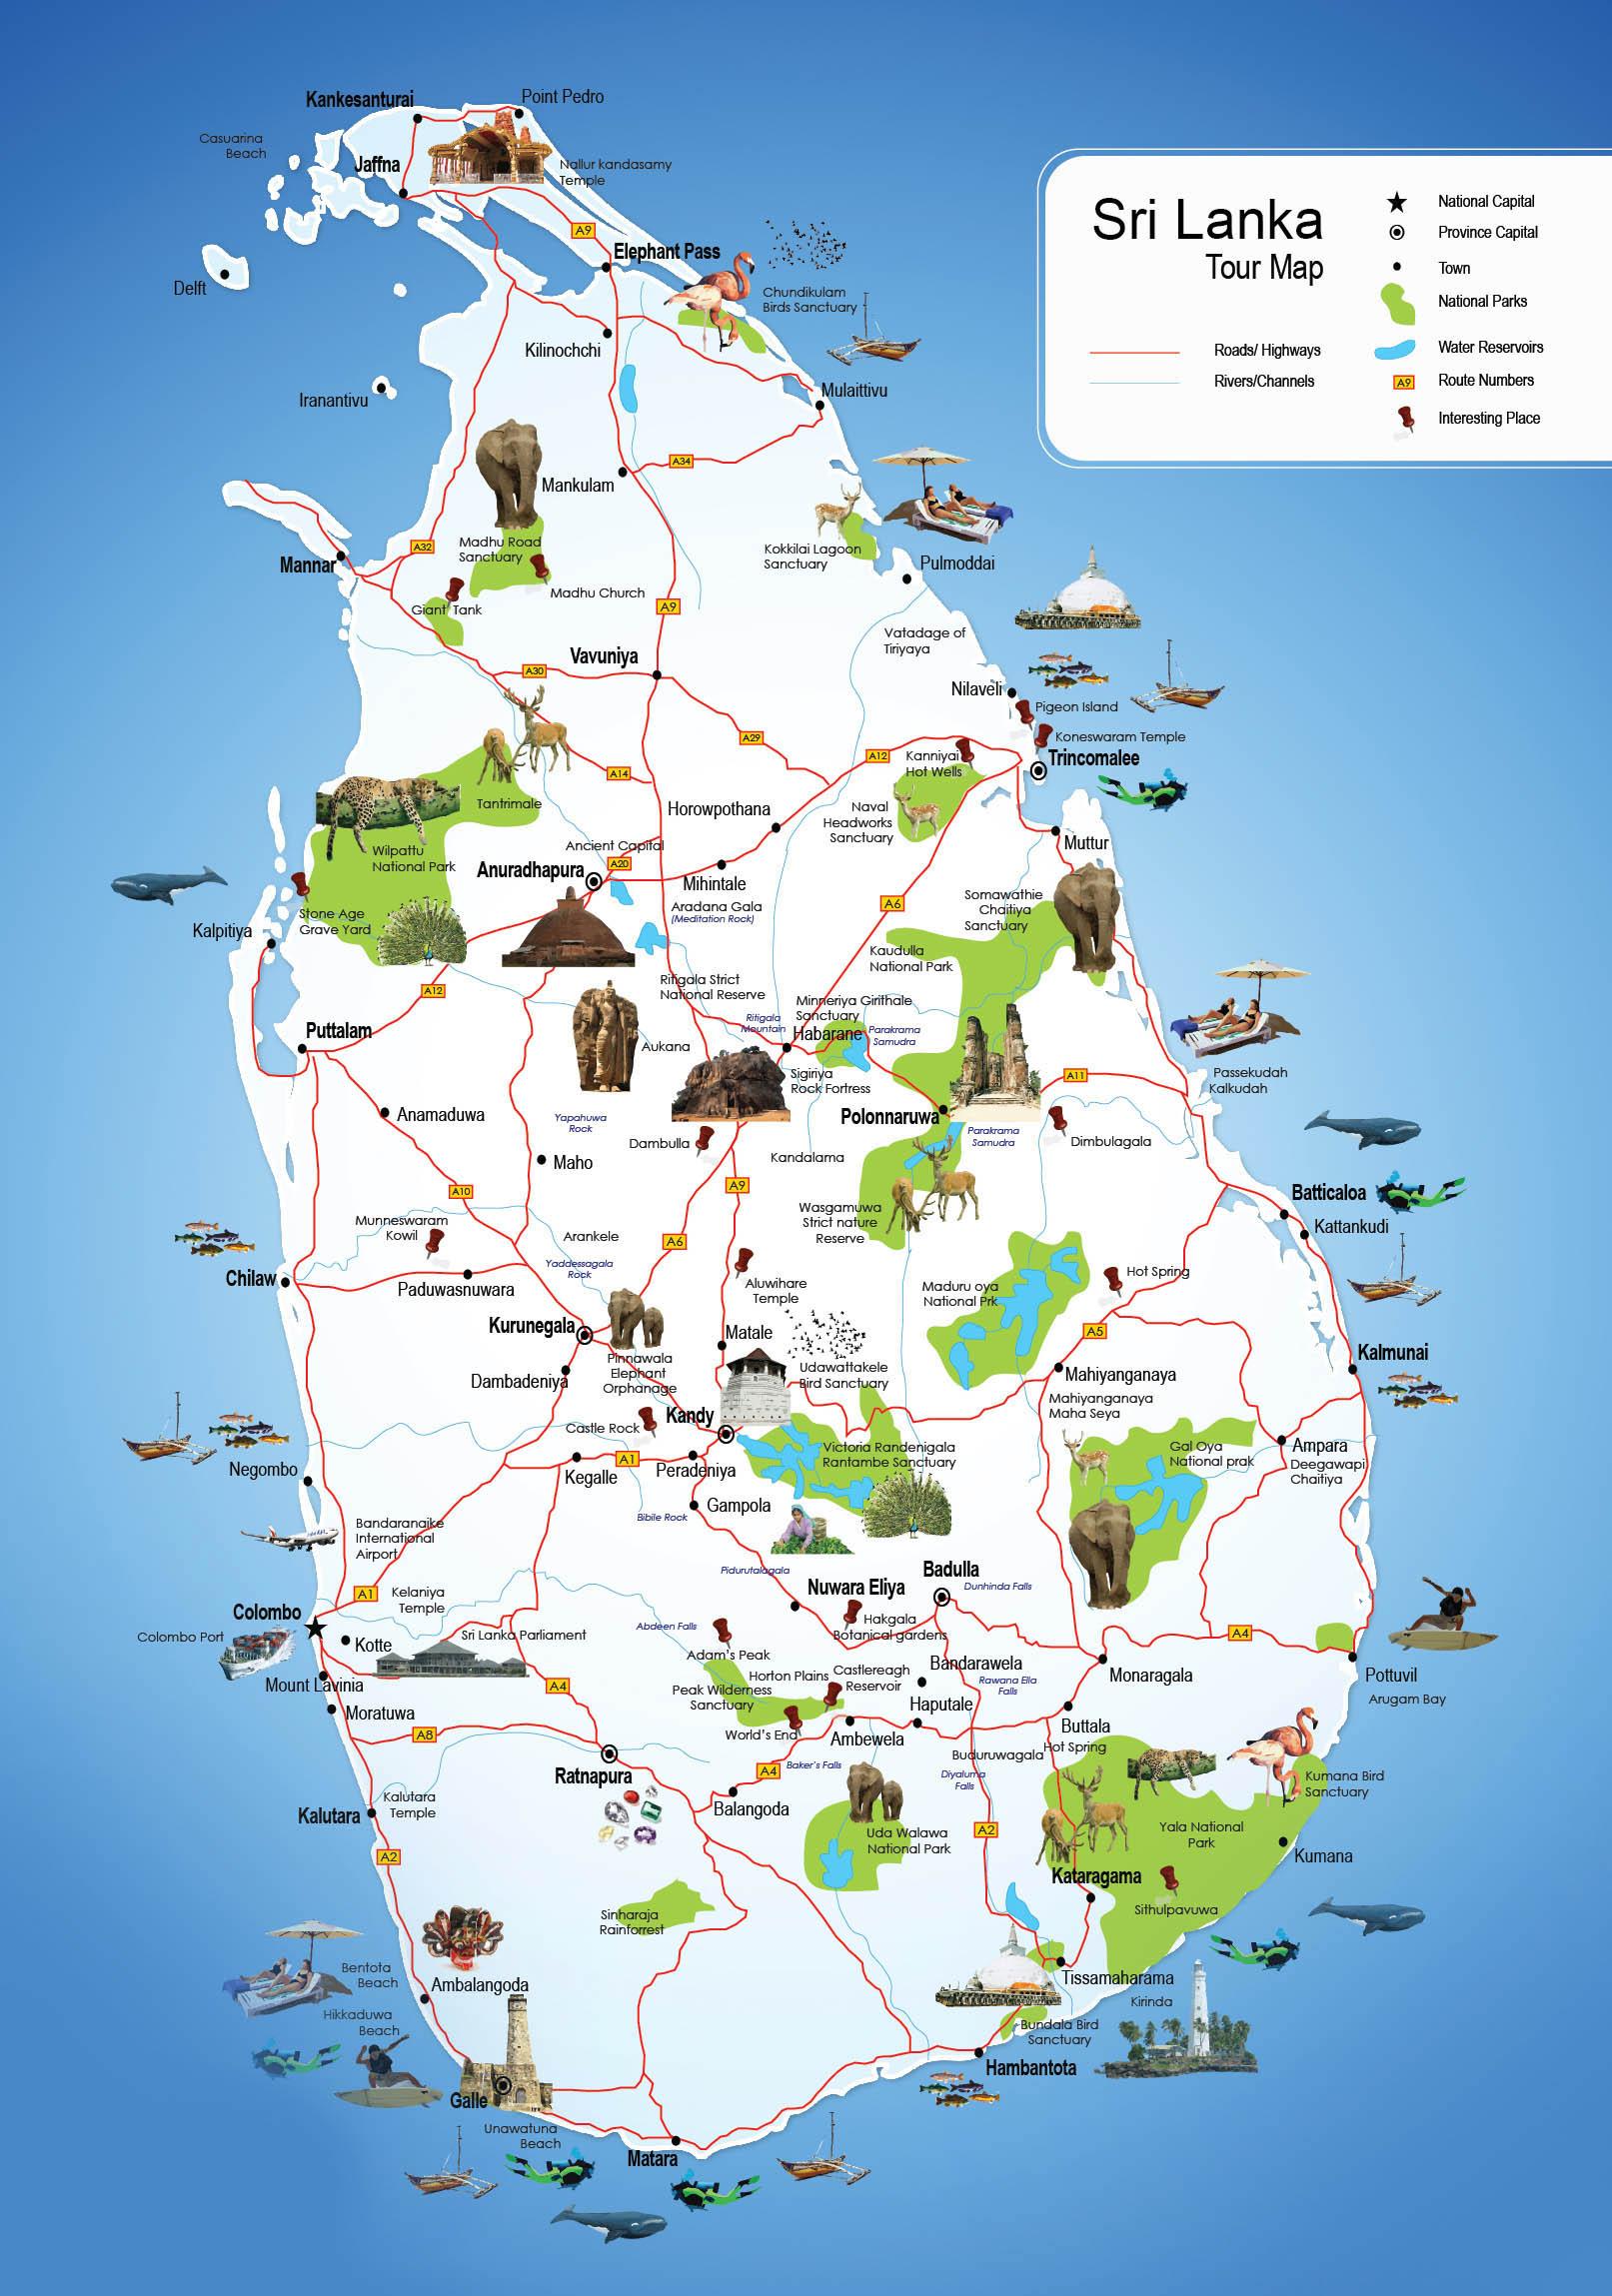 boc travels travels map in sri lanka. Black Bedroom Furniture Sets. Home Design Ideas